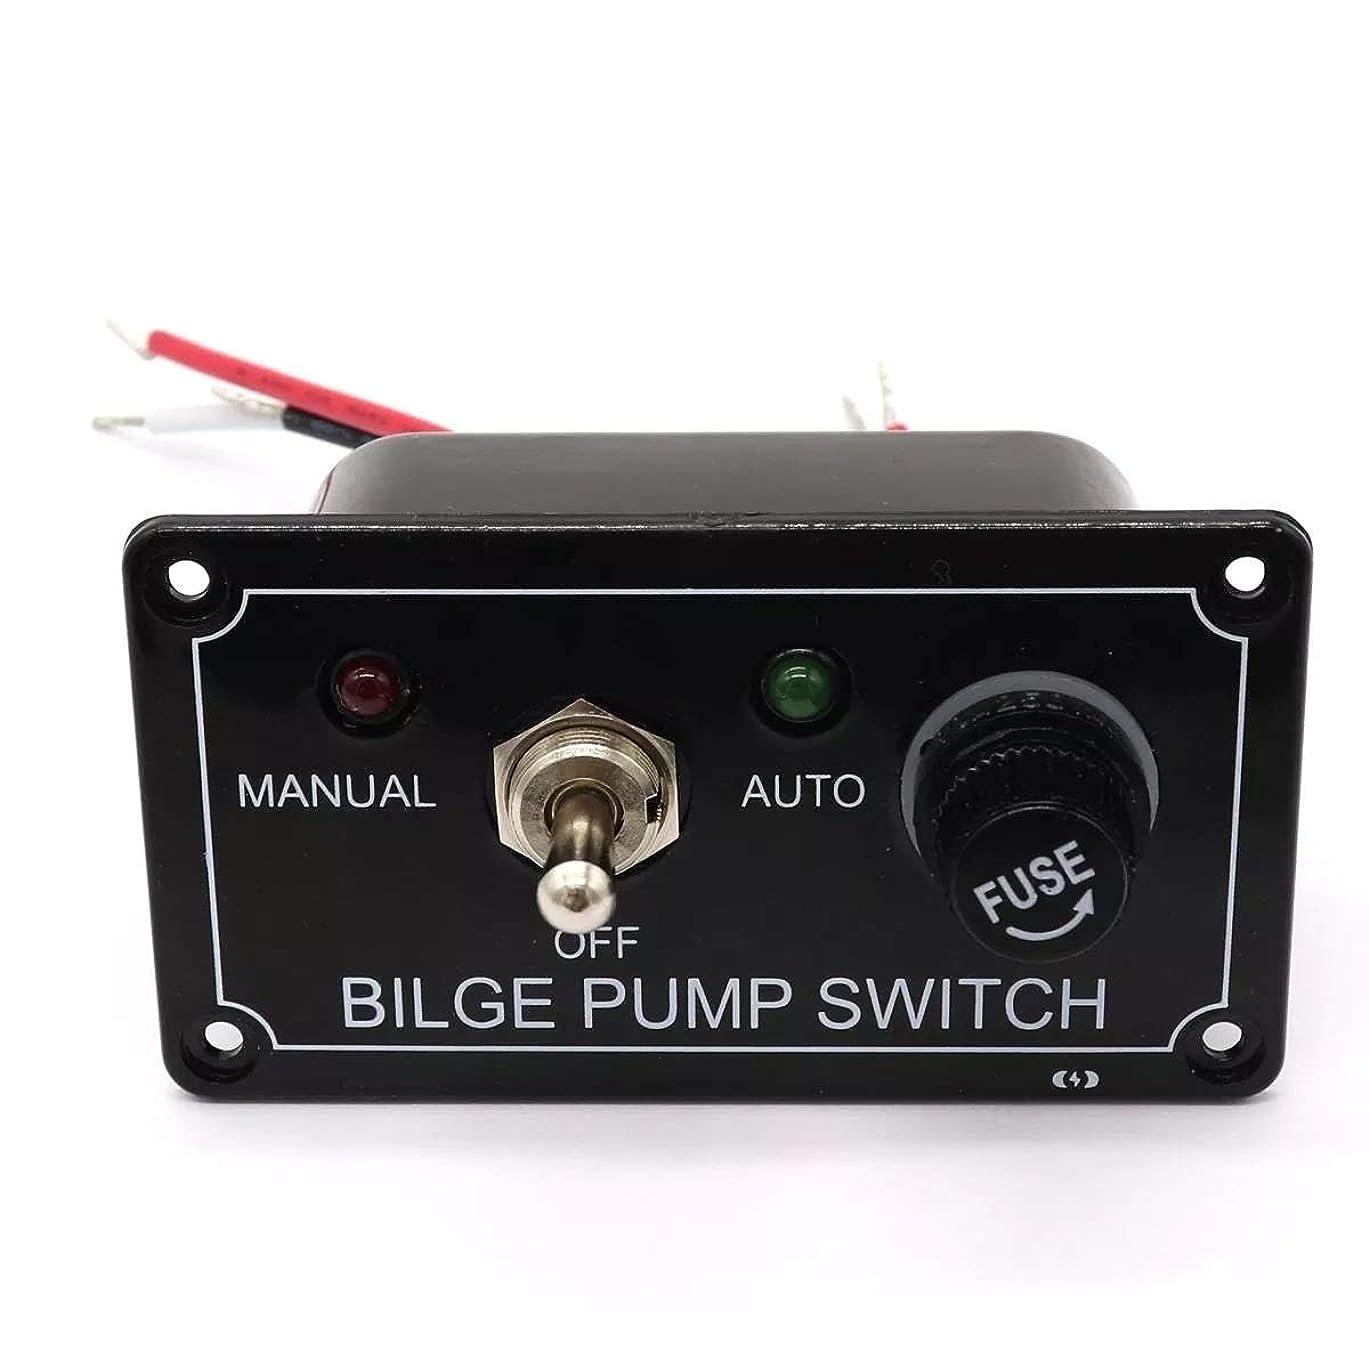 ベリーフェリー下手LEDインジケータ12Vビルジポンプスイッチパネルハウジング3ウェイパネルマニュアル/オフ/オートRVマリーンボート スイッチとソケット